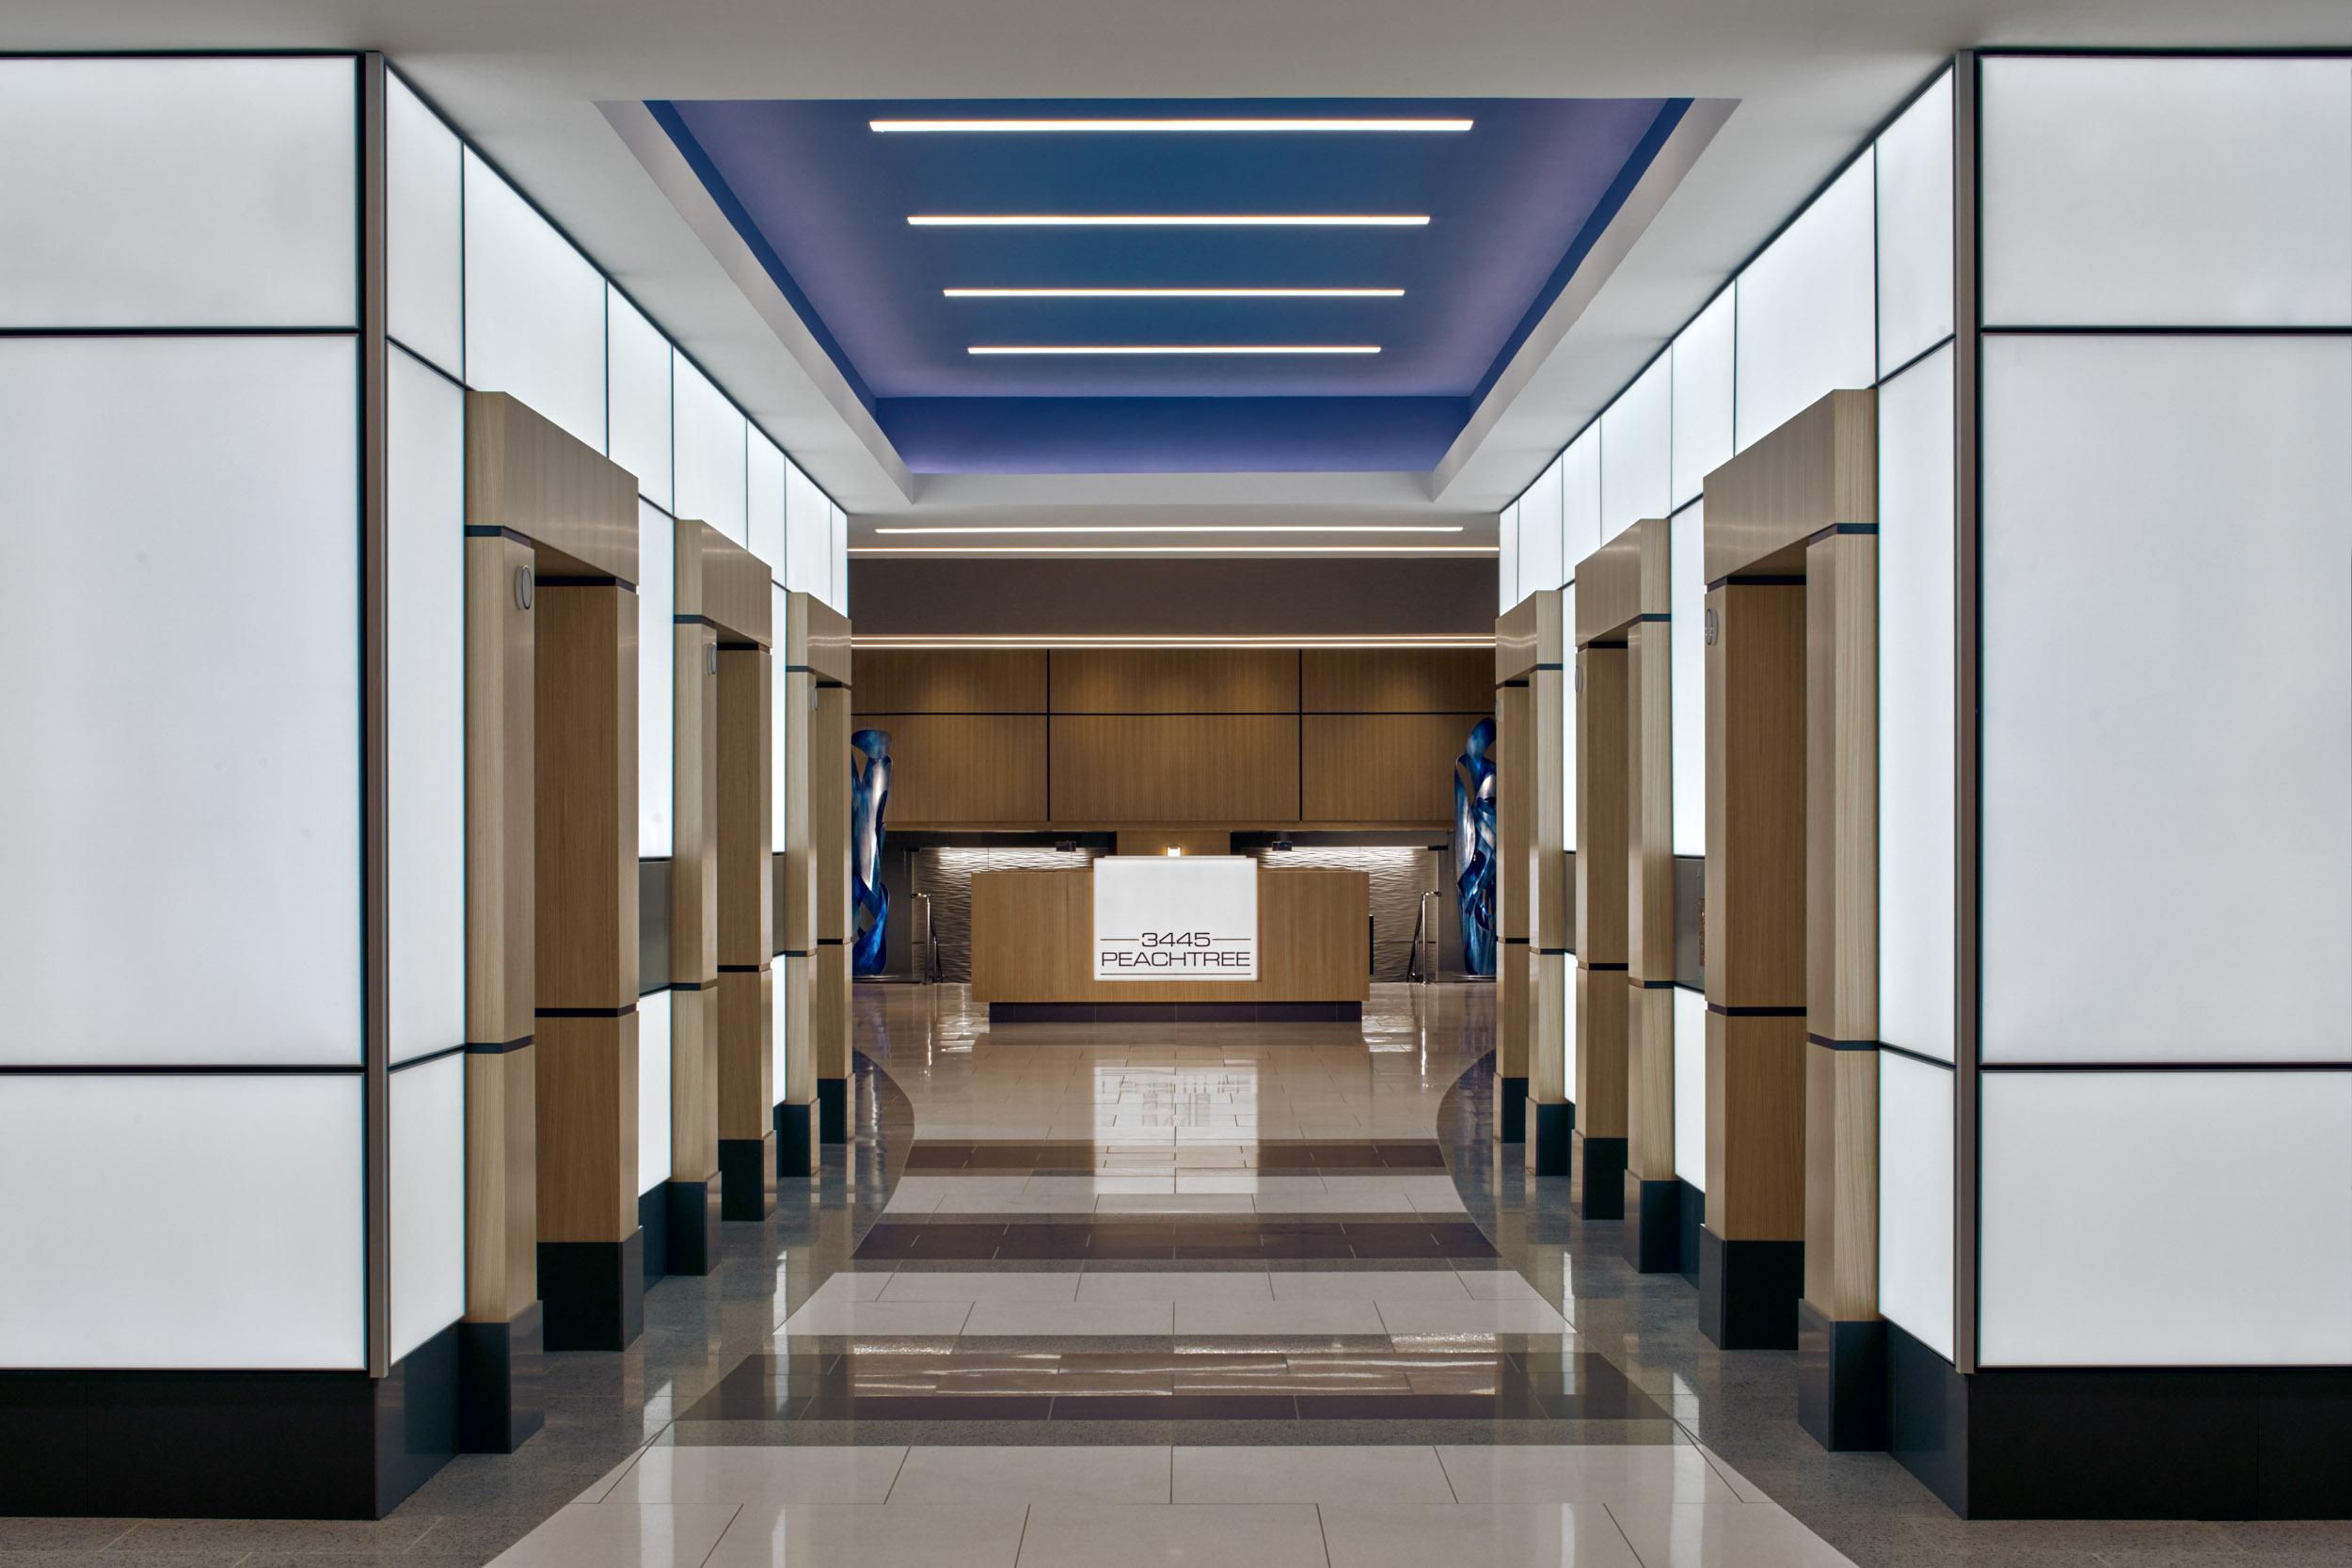 3445 Peachtree</br><em>Atlanta, Georgia</em>|corporate interiors